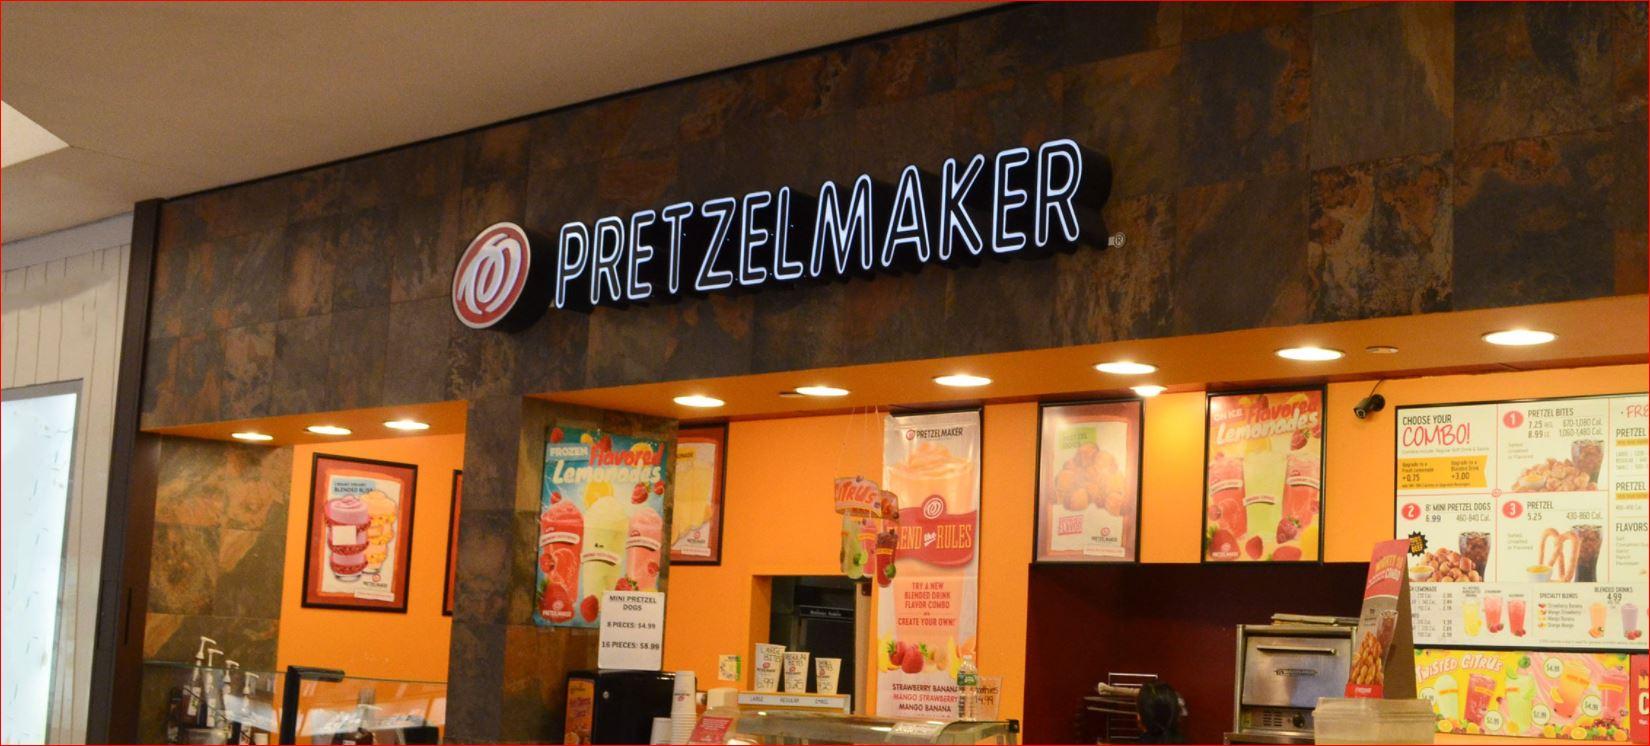 Pretzelmaker Experience Survey